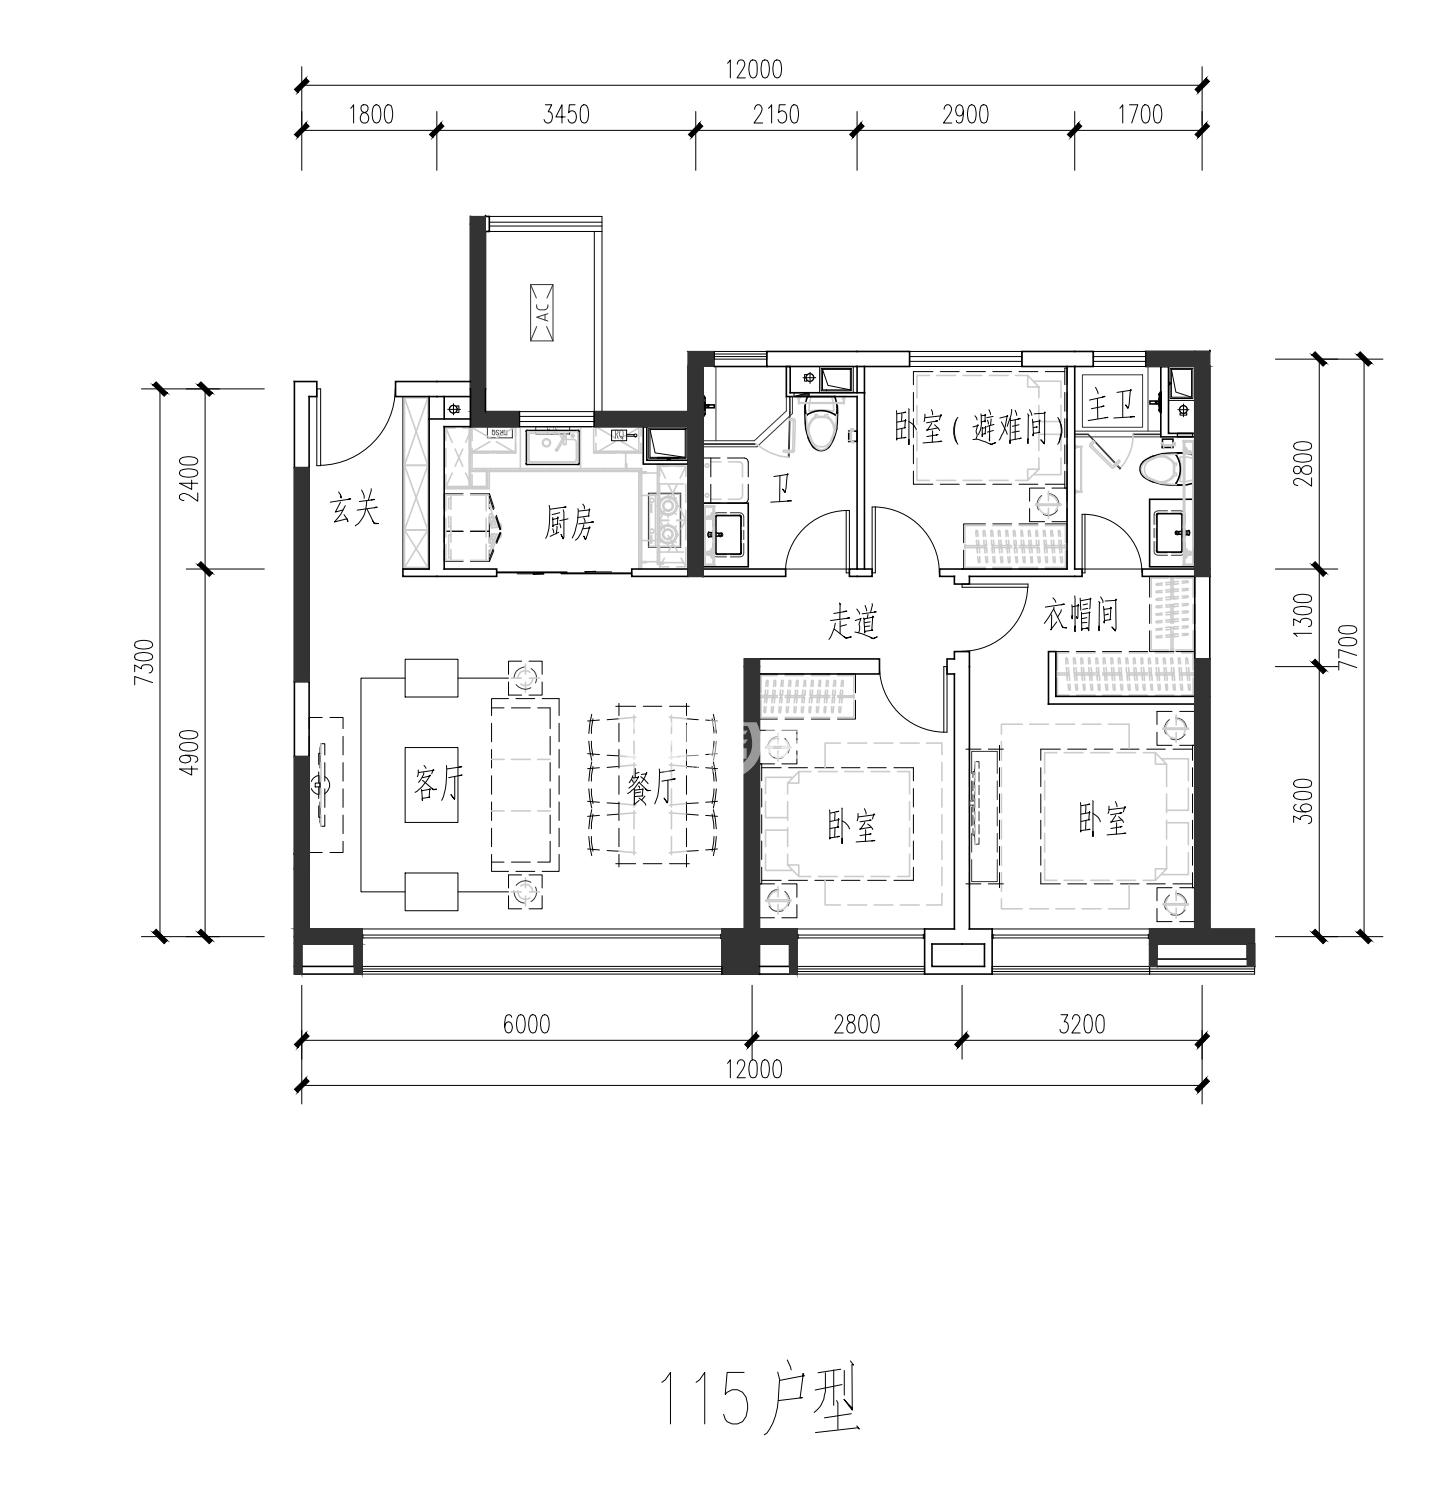 融创时代奥城115㎡三室两厅一厨一卫